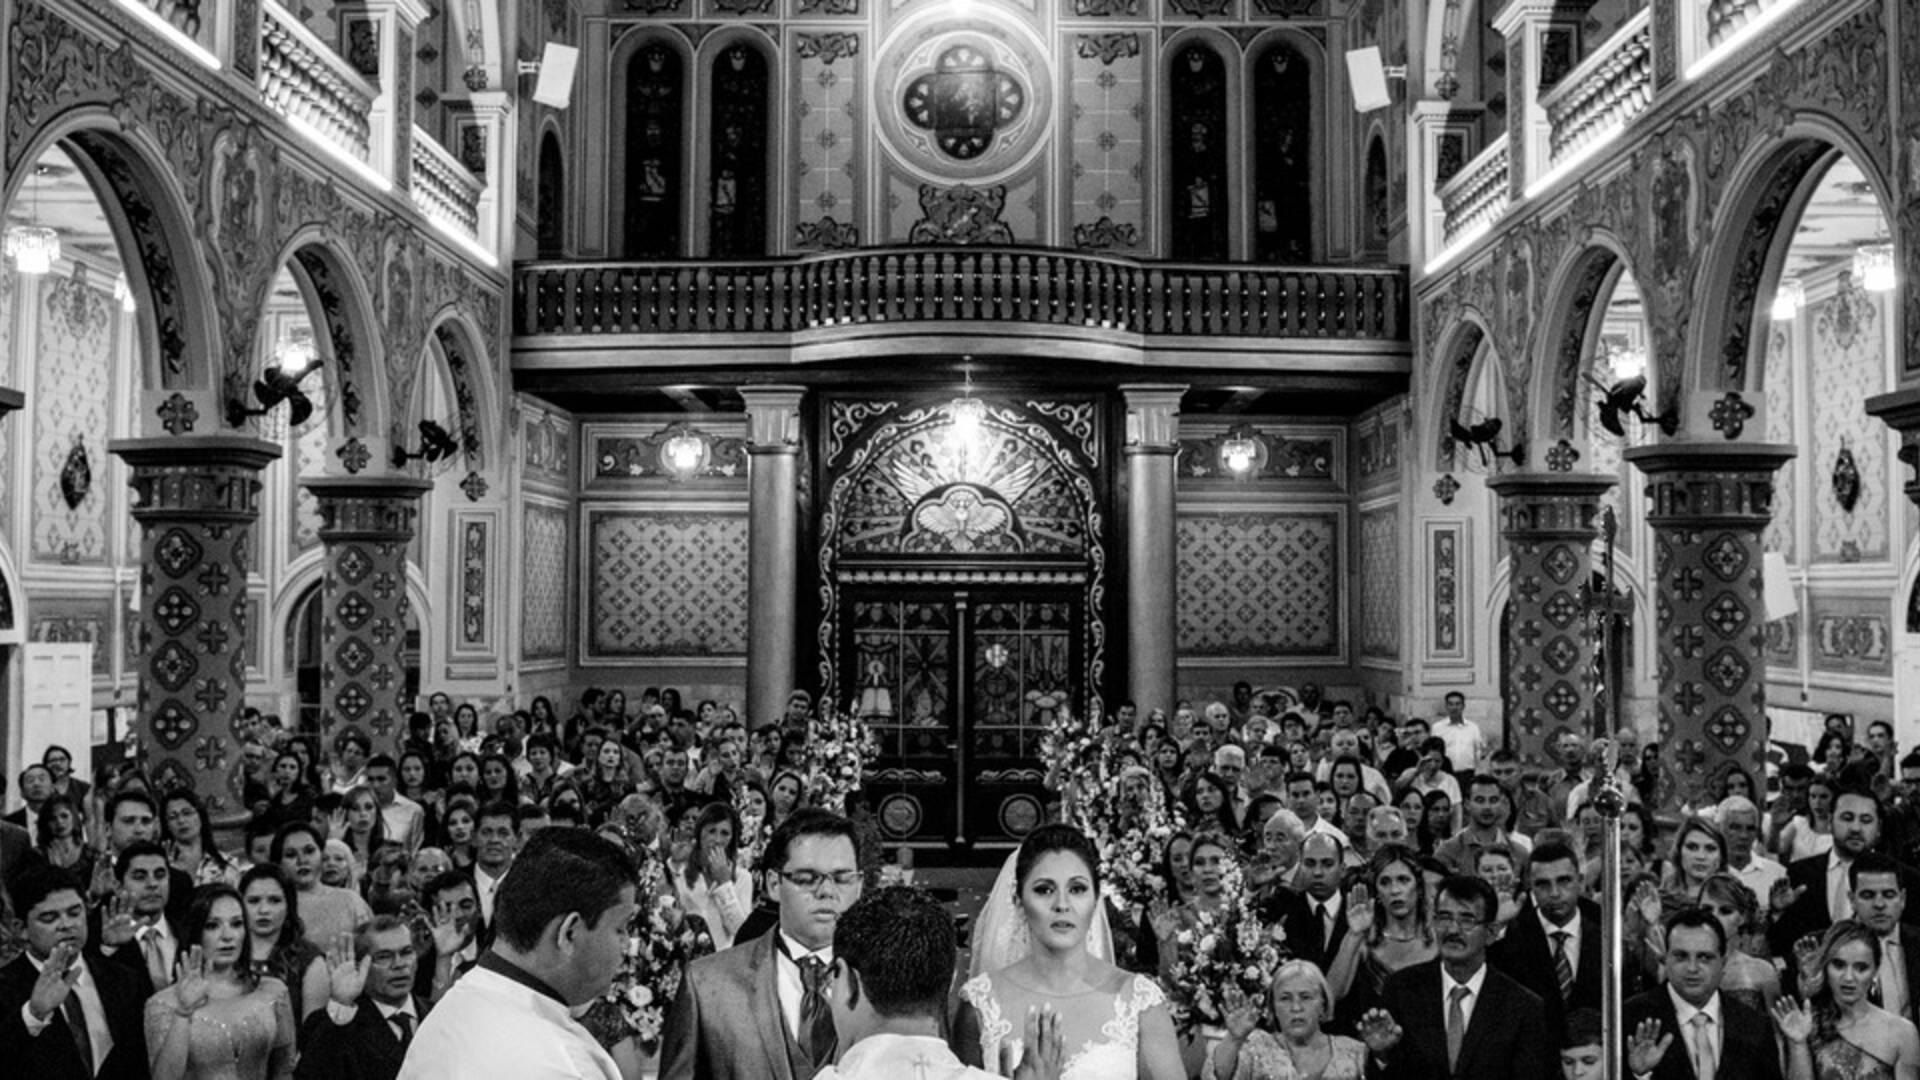 Casamento de Carla e Zé Antonio